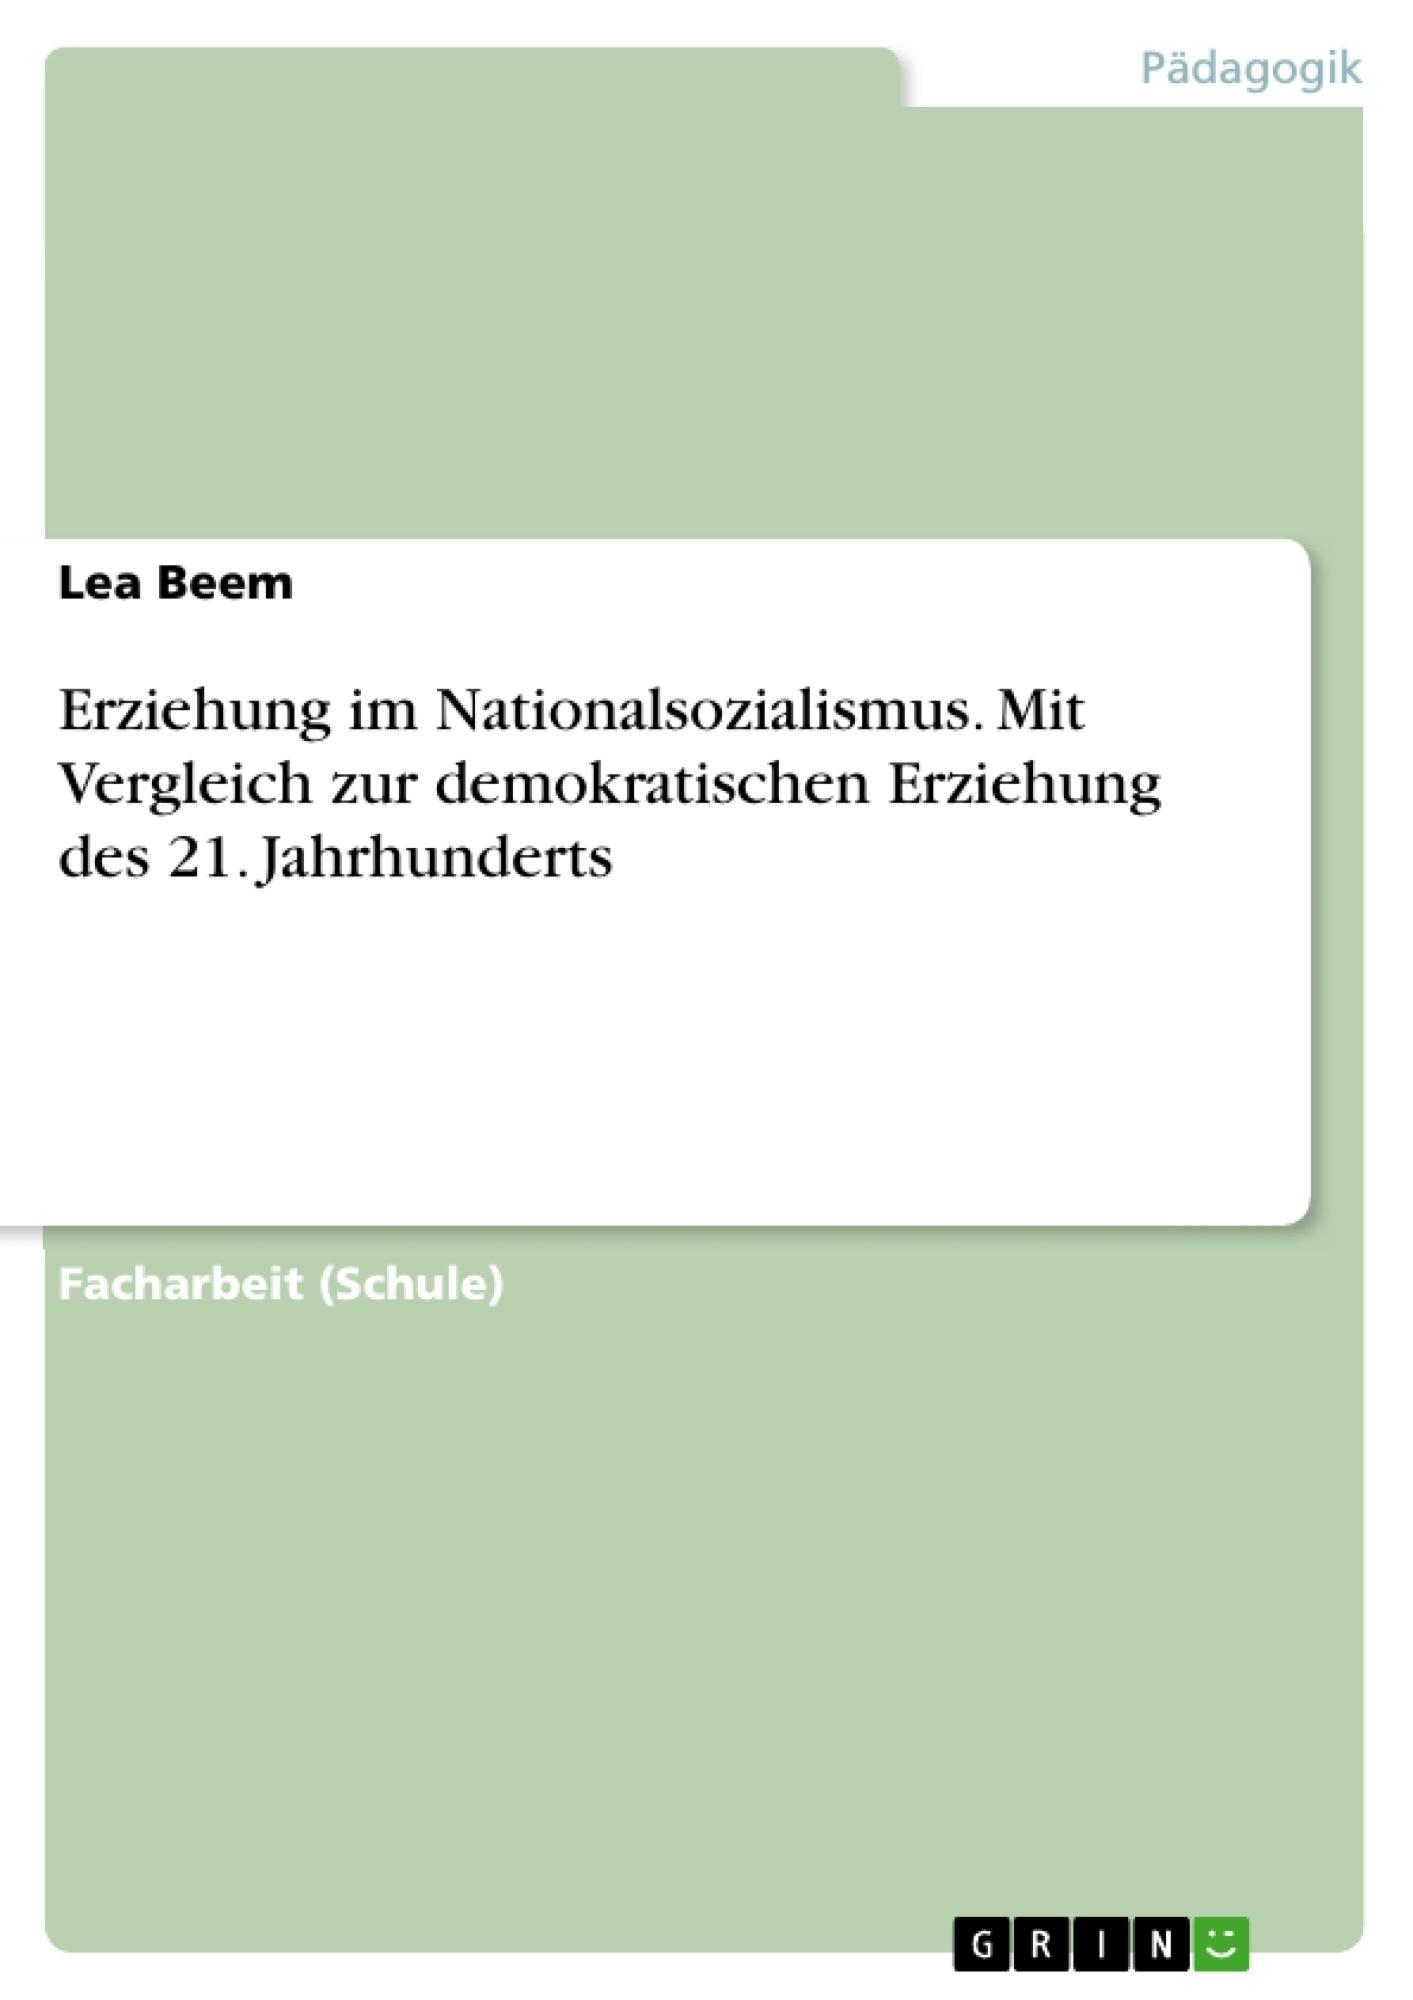 Titel: Erziehung im Nationalsozialismus. Mit Vergleich zur demokratischen Erziehung des 21. Jahrhunderts